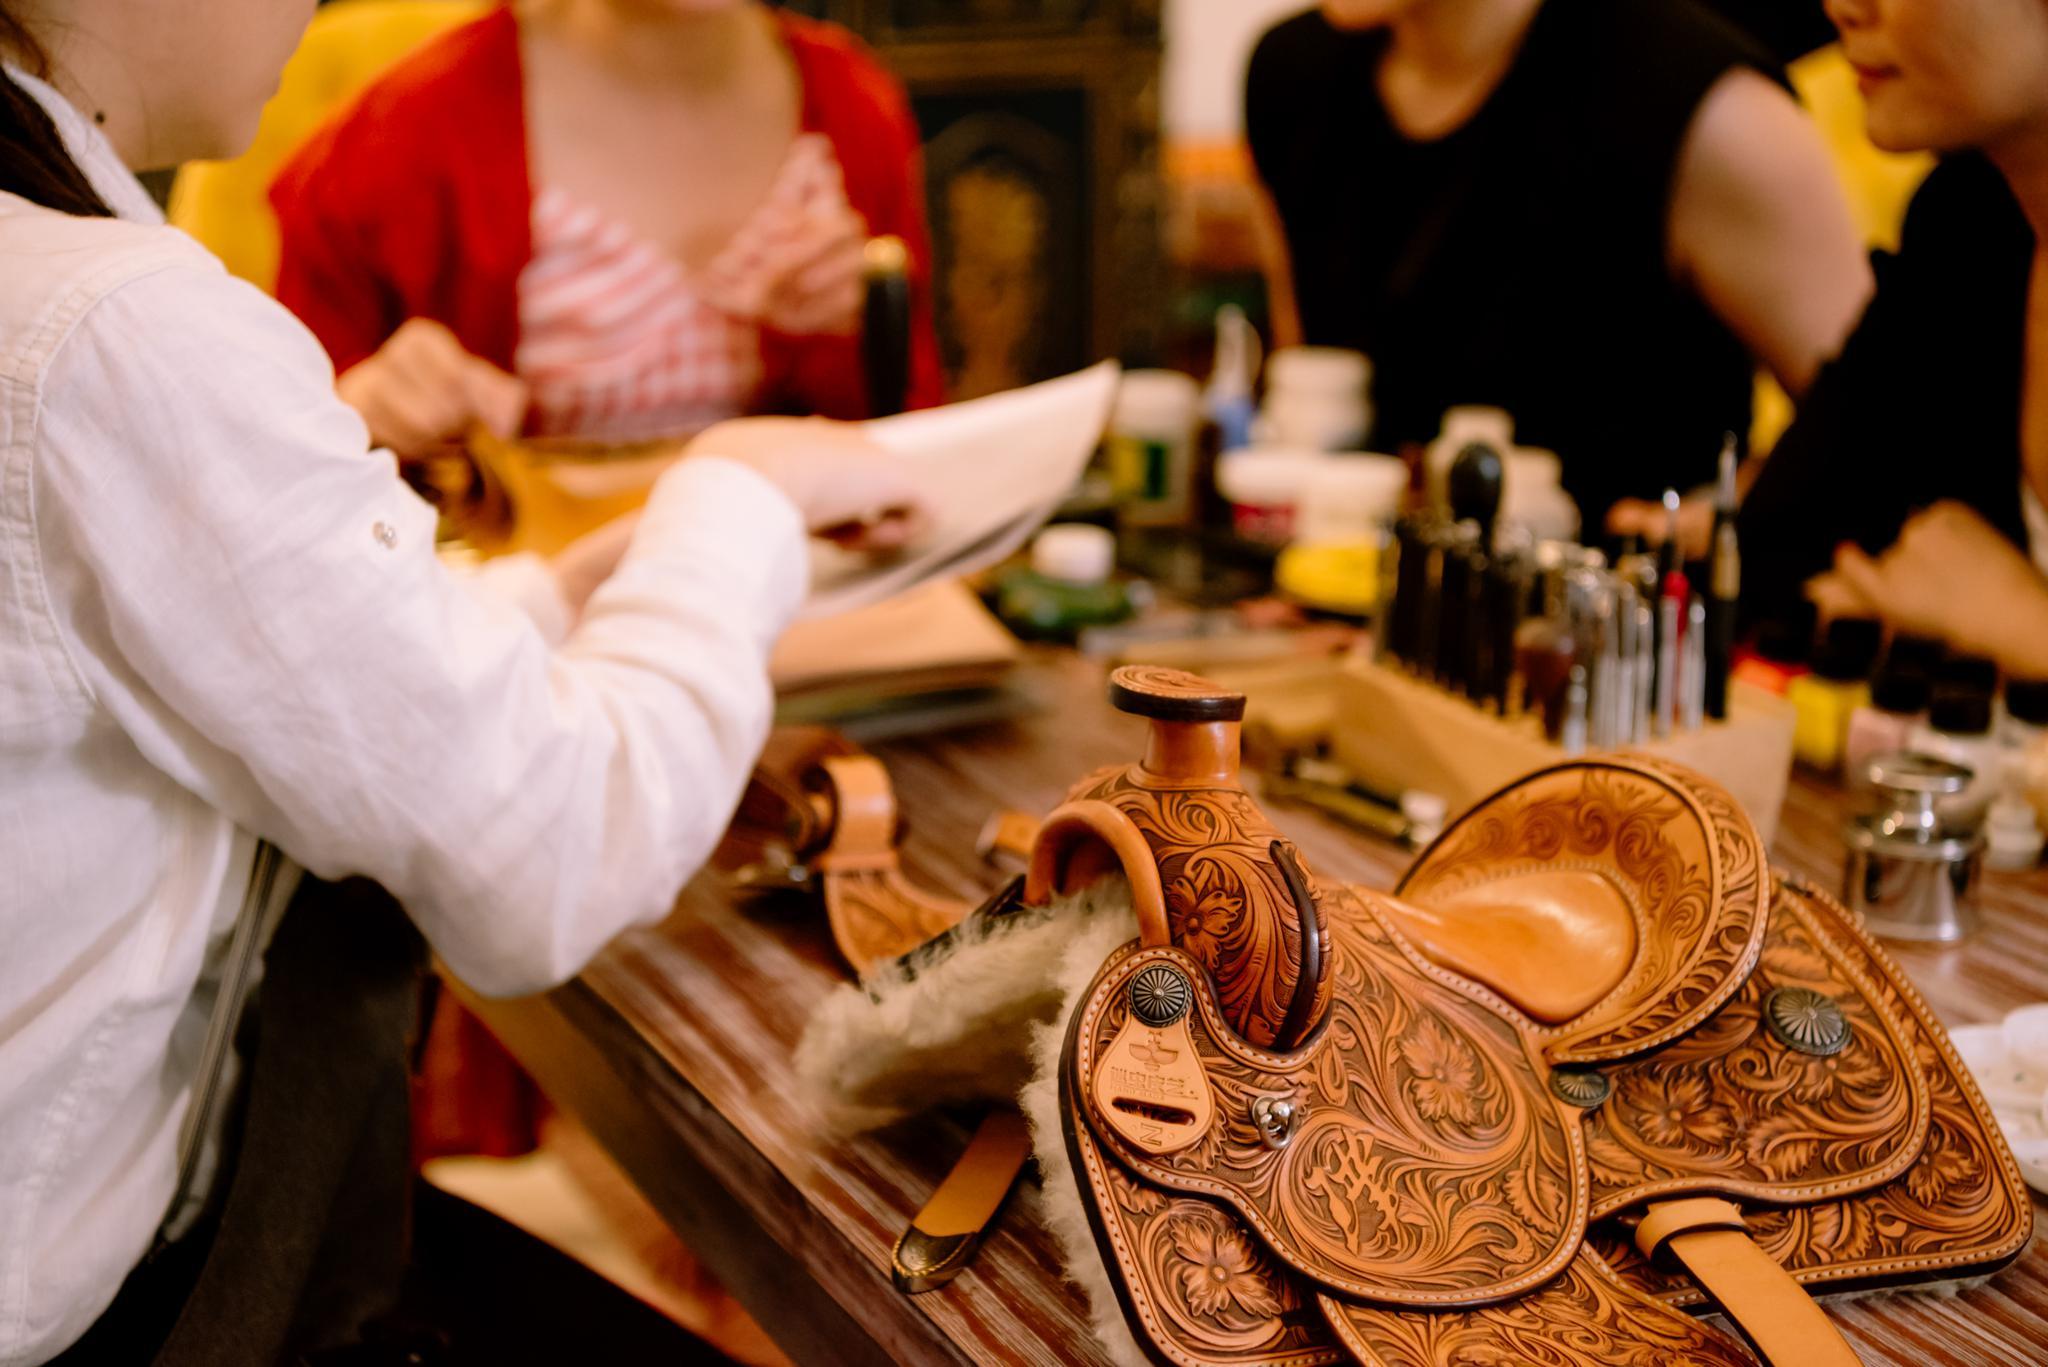 90后女孩跨界引领汽车+皮雕新品类 ——咸哥皮雕创始人咸哥访谈录